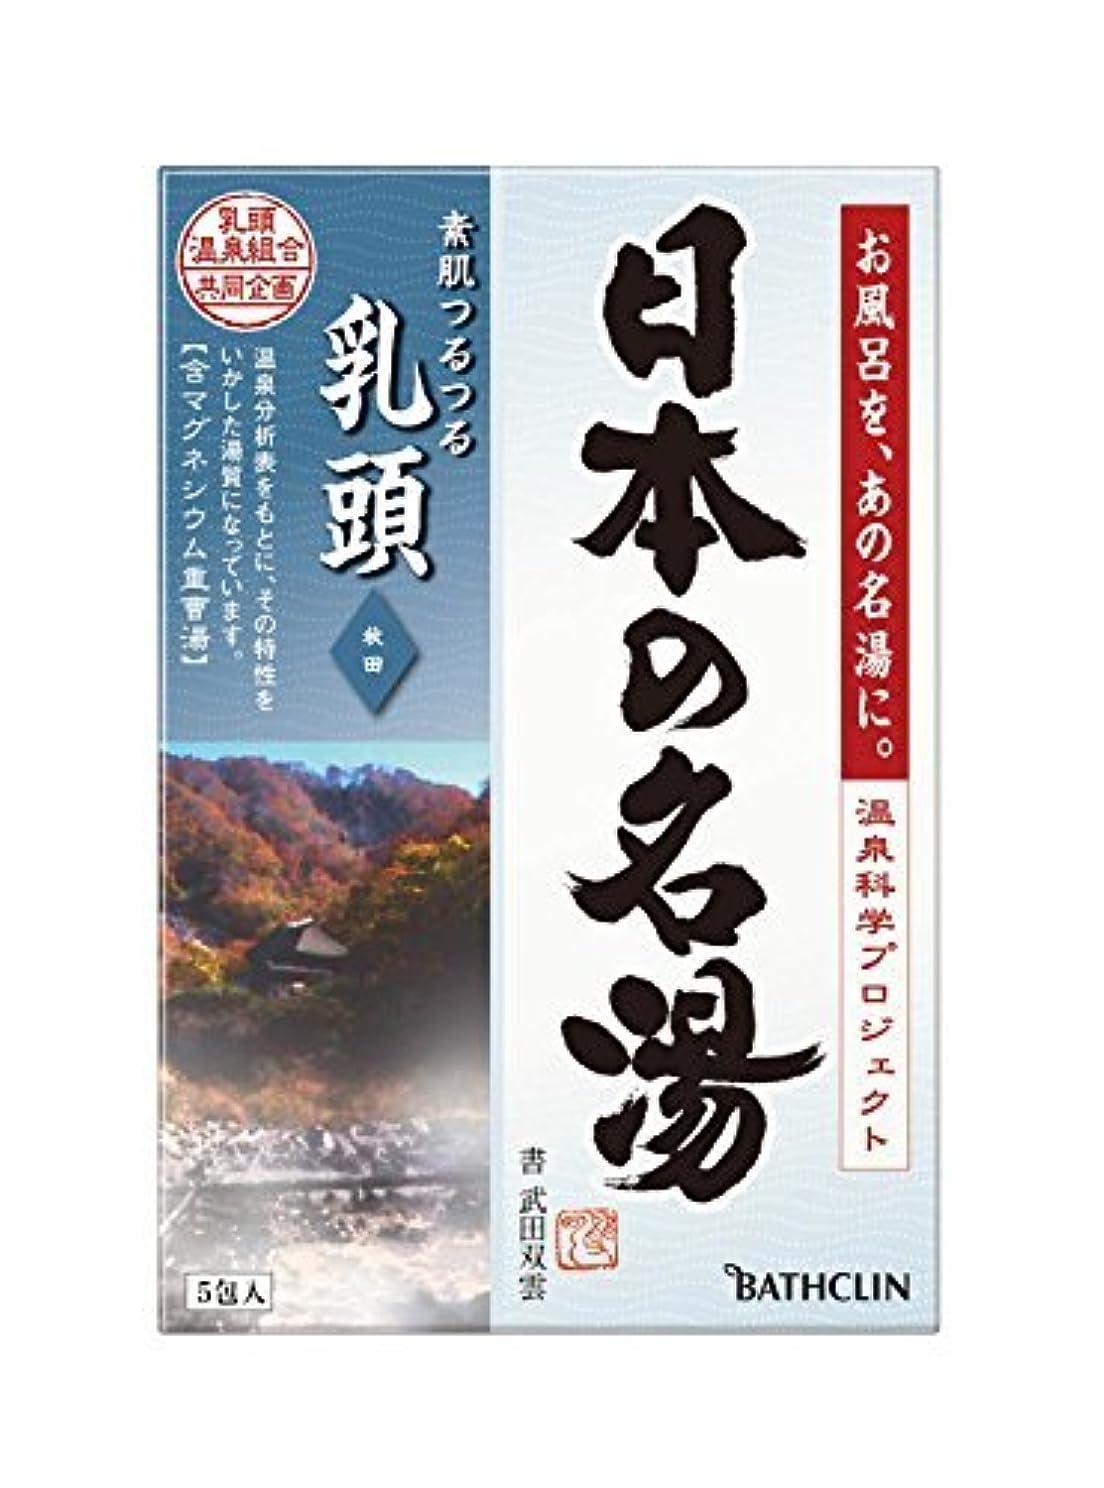 ニュージーランド勝利した提案【まとめ買い】【医薬部外品】日本の名湯入浴剤 乳頭(秋田) 30g ×5包 にごりタイプ 個包装 温泉タイプ ×20個